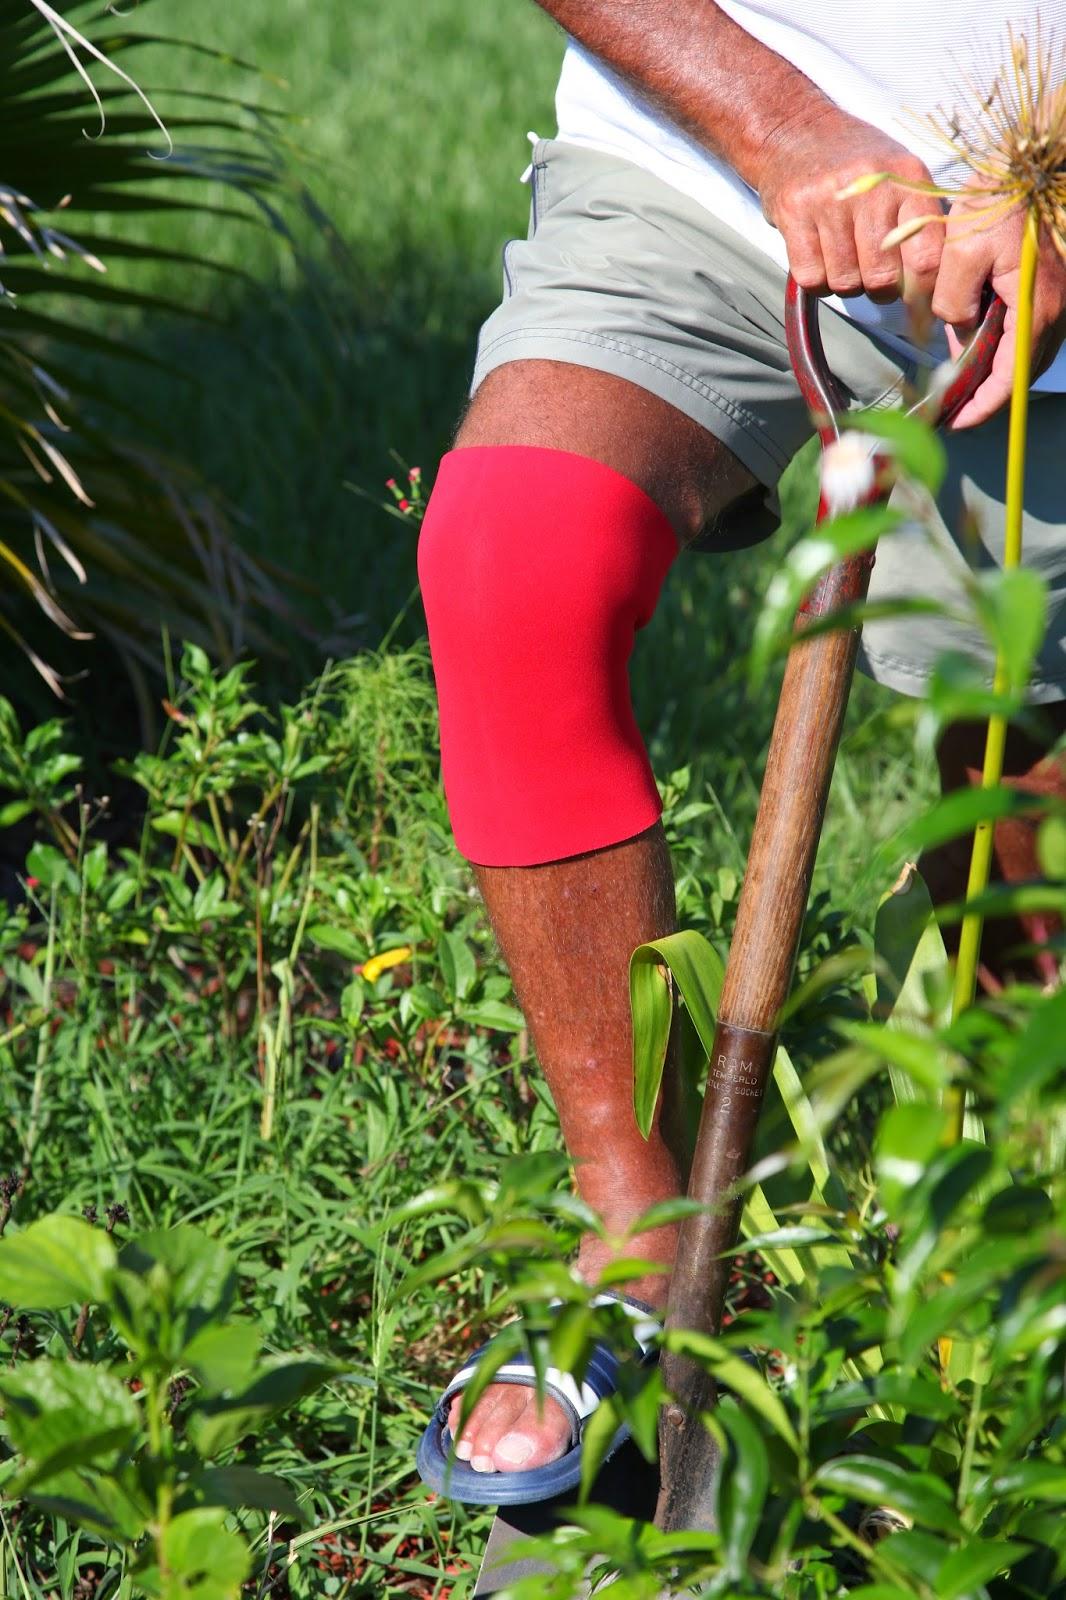 Treatment of Arthritis or Osteoarthritis Knee Pain